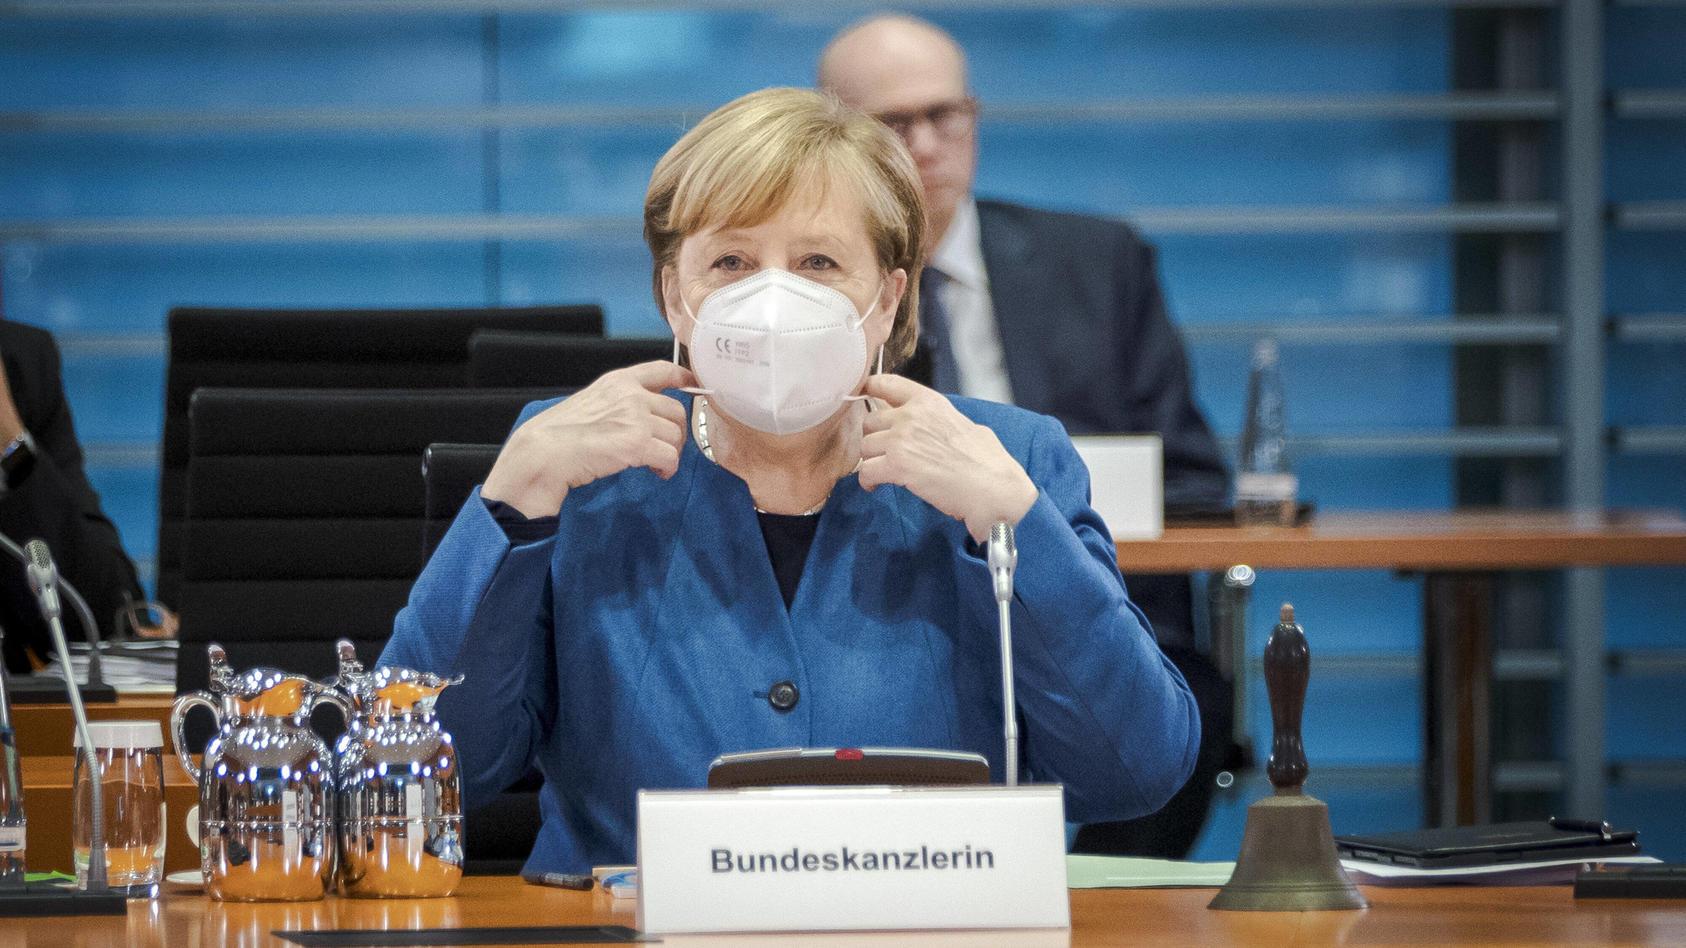 Bundeskanzlerin Angela Merkel, CDU, aufgenommen zu Beginn einer Kabinettssitzung im Bundeskanzleramt. Berlin, 28.10.202